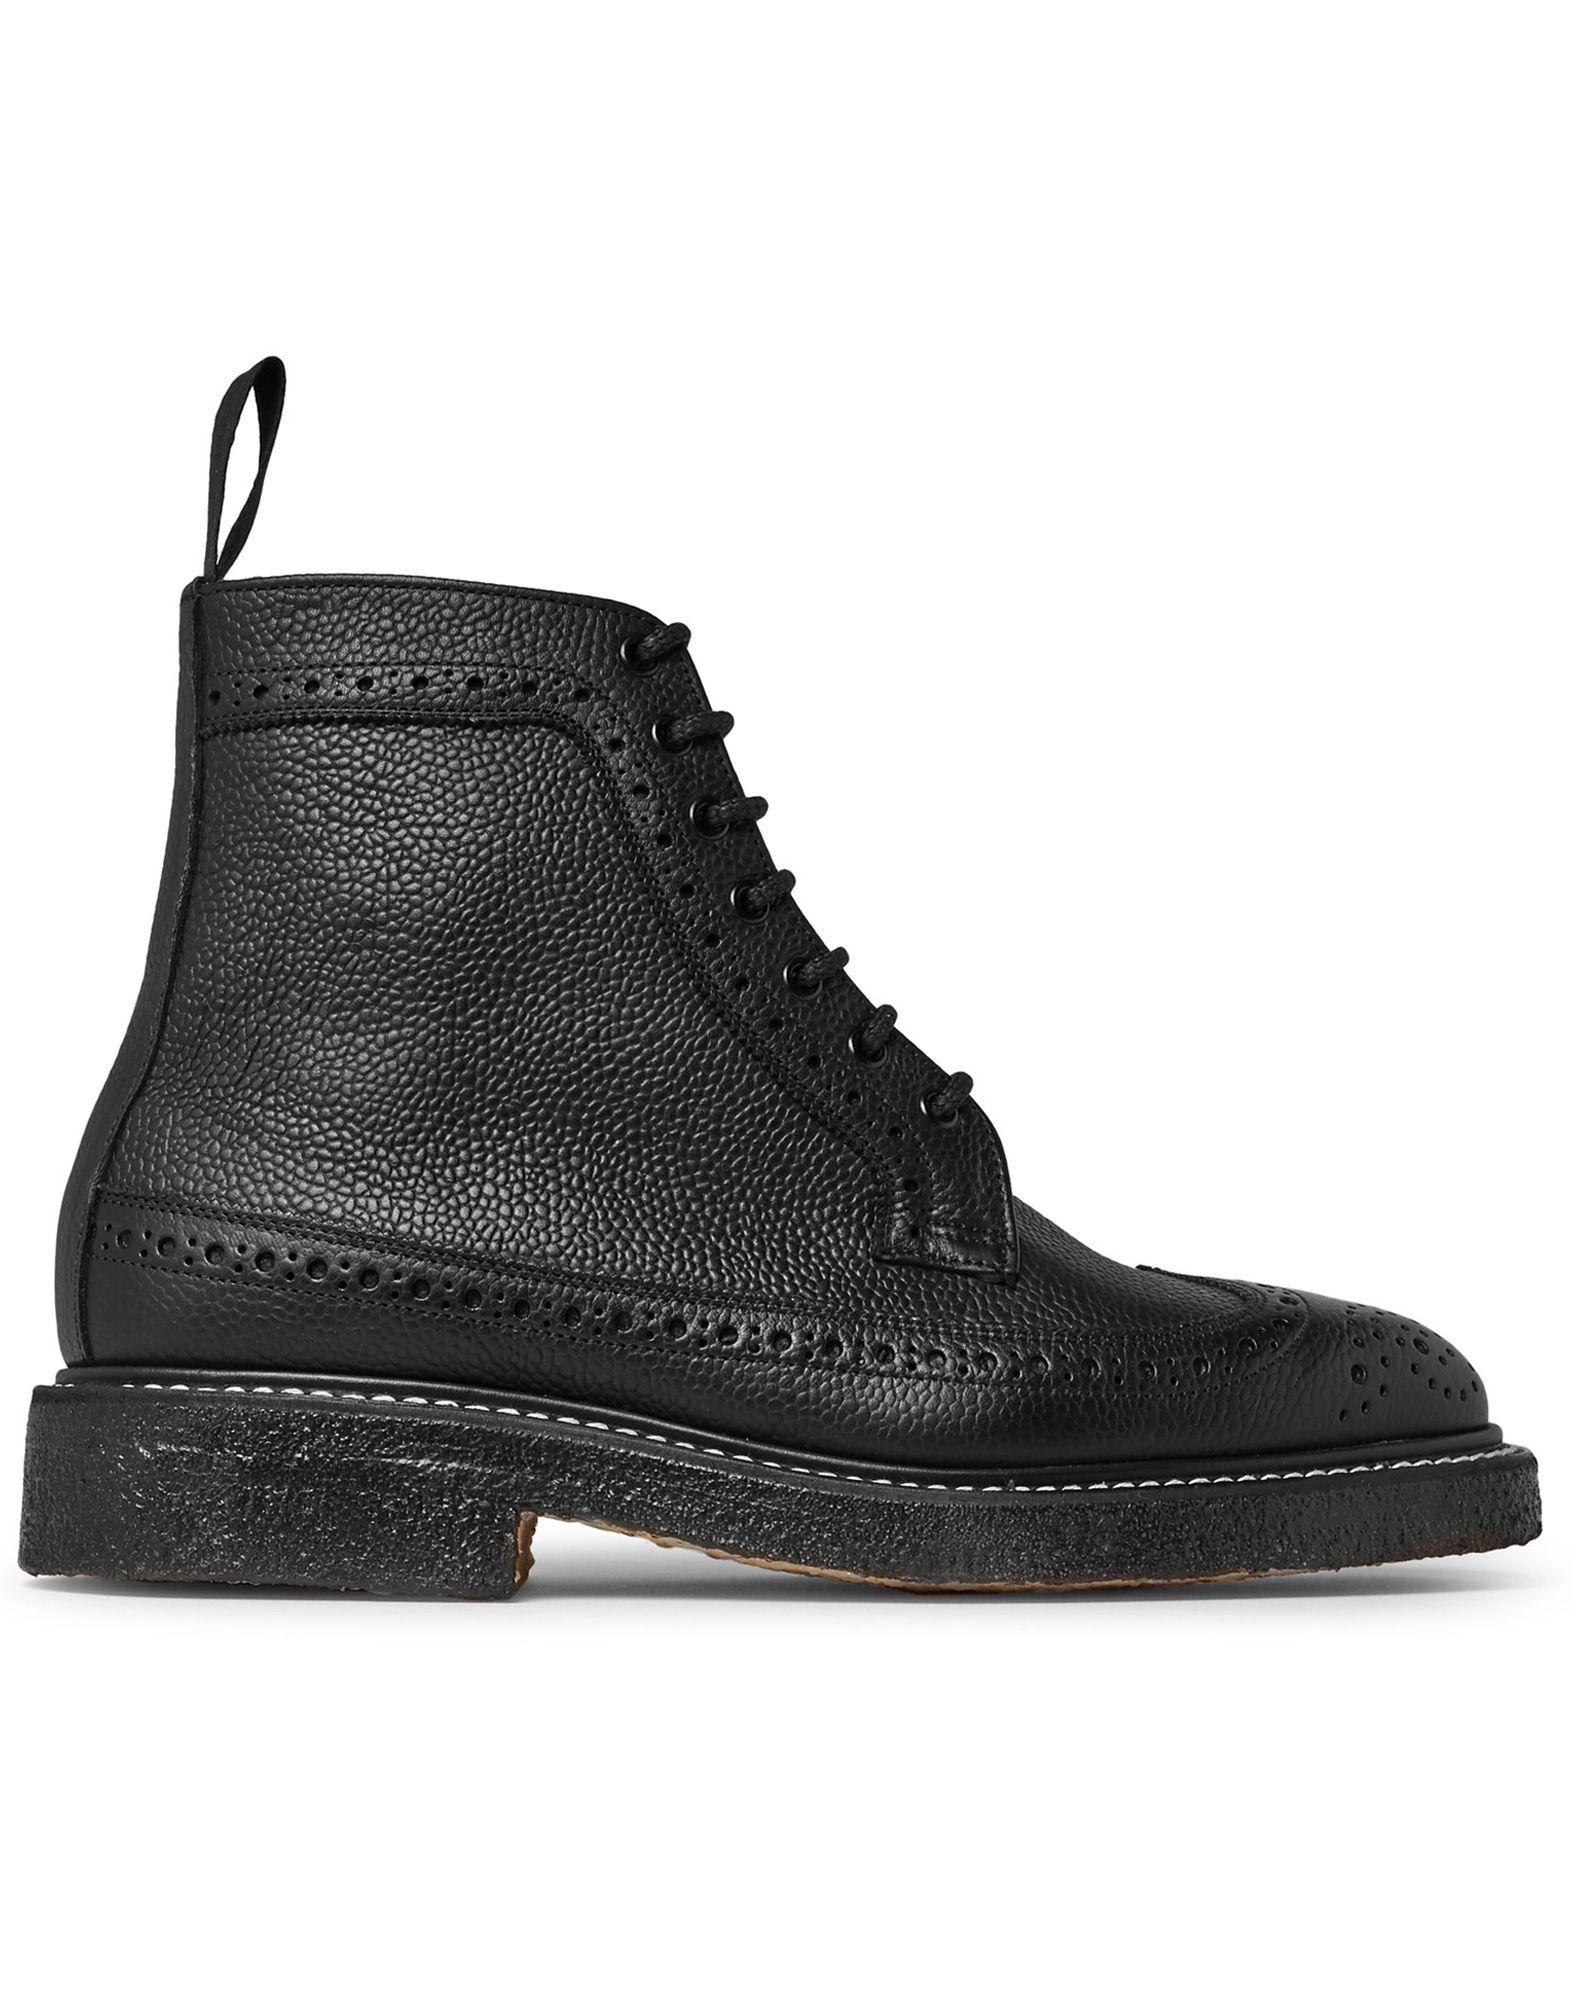 Tricker's Stiefelette Herren Qualität  11540620TO Gute Qualität Herren beliebte Schuhe a2373a